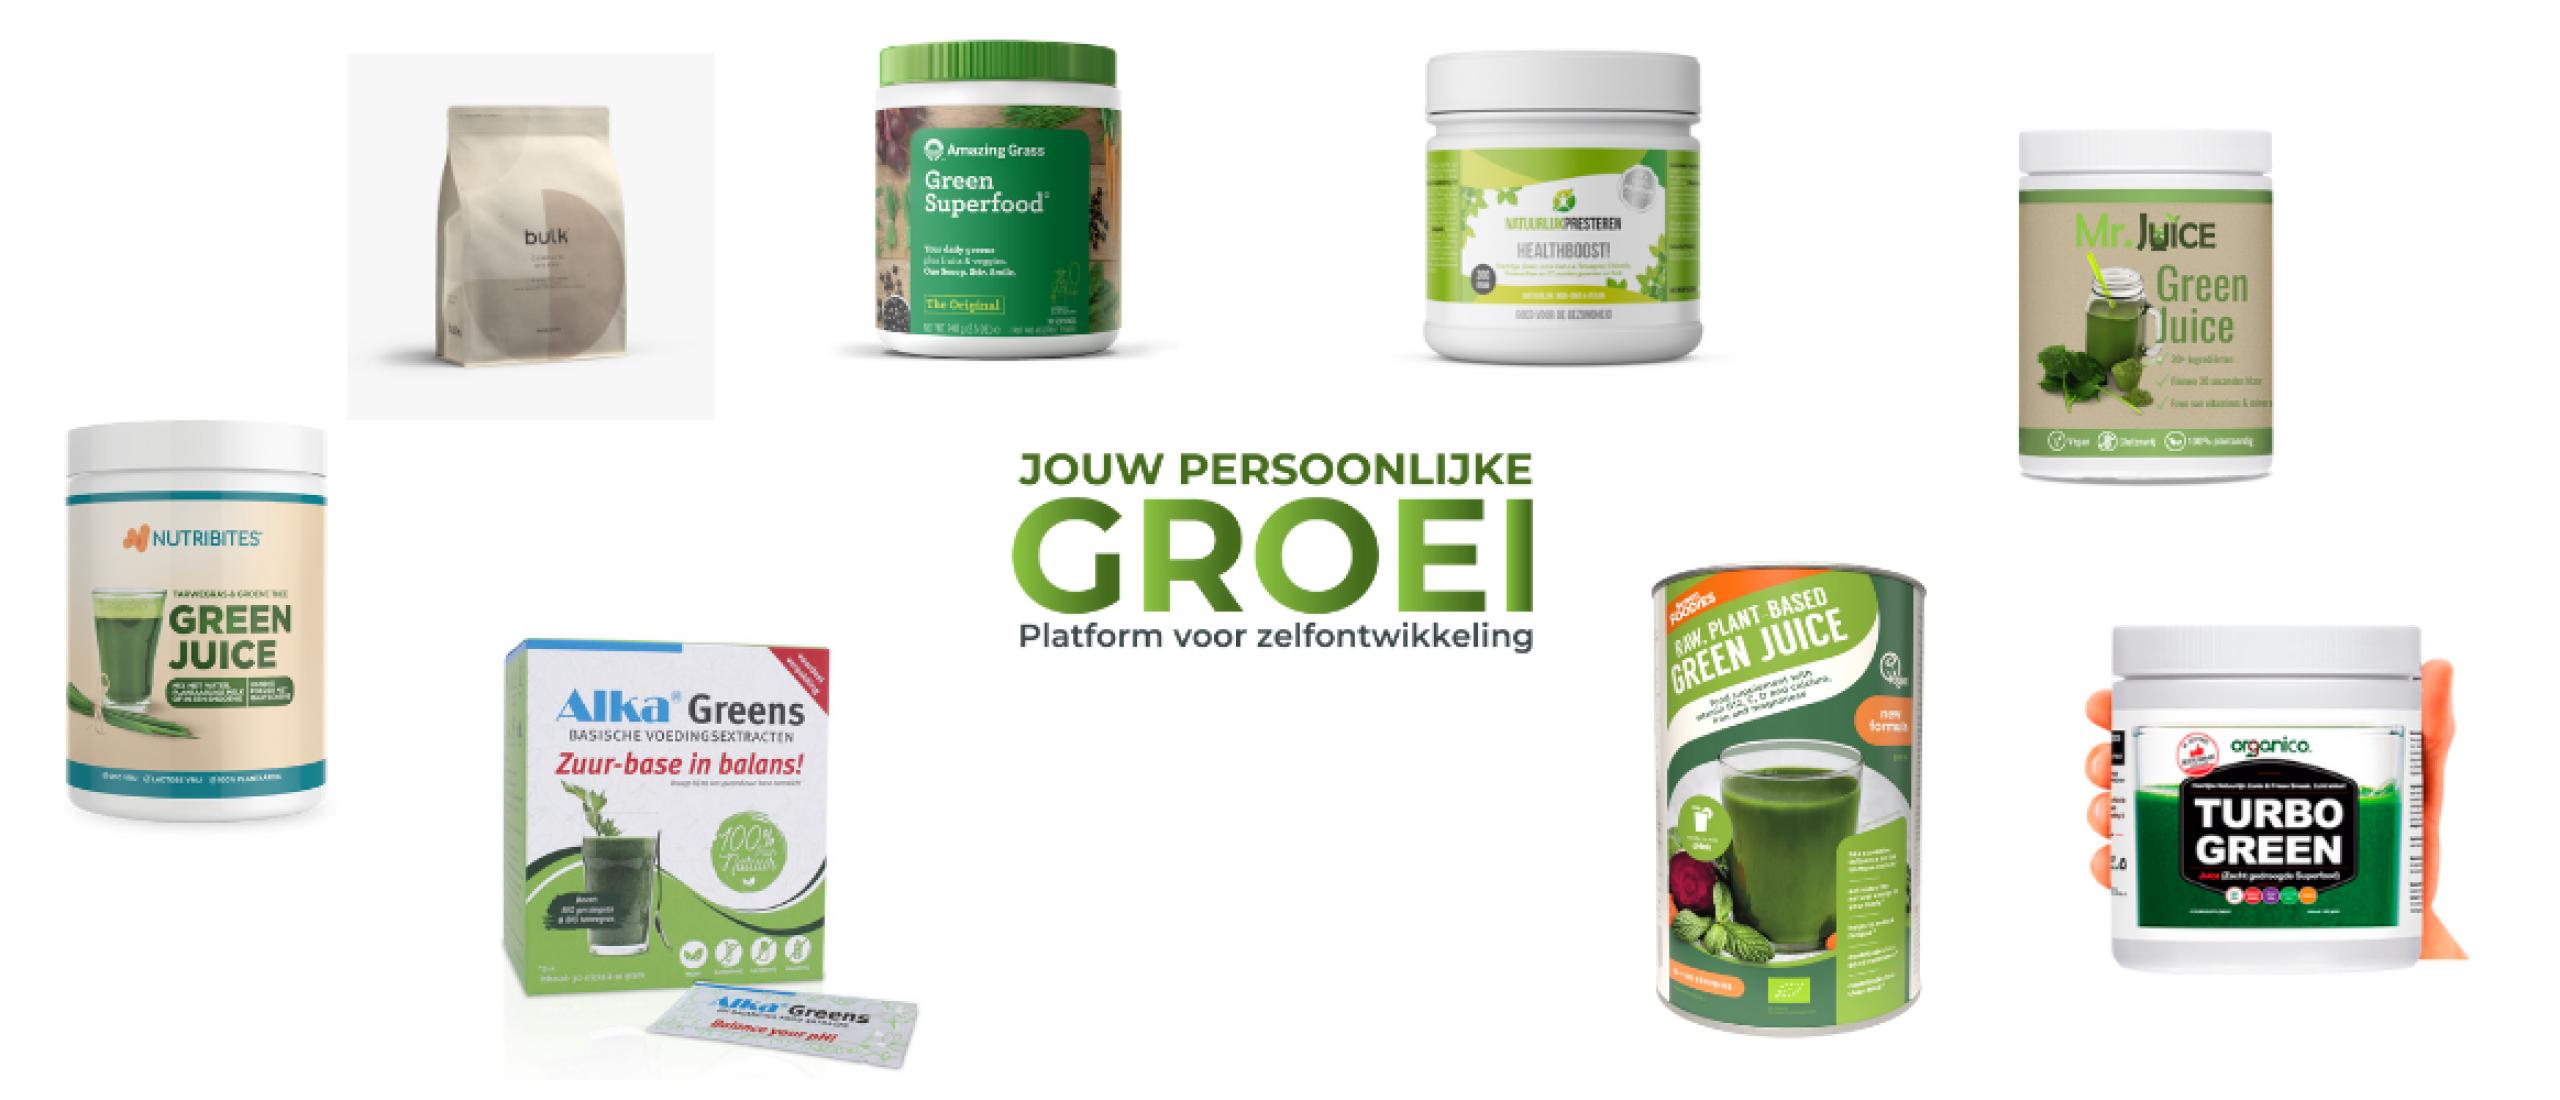 Beste Green Juice | Review (2021) | 8 Green Juices getest + vergelijken!